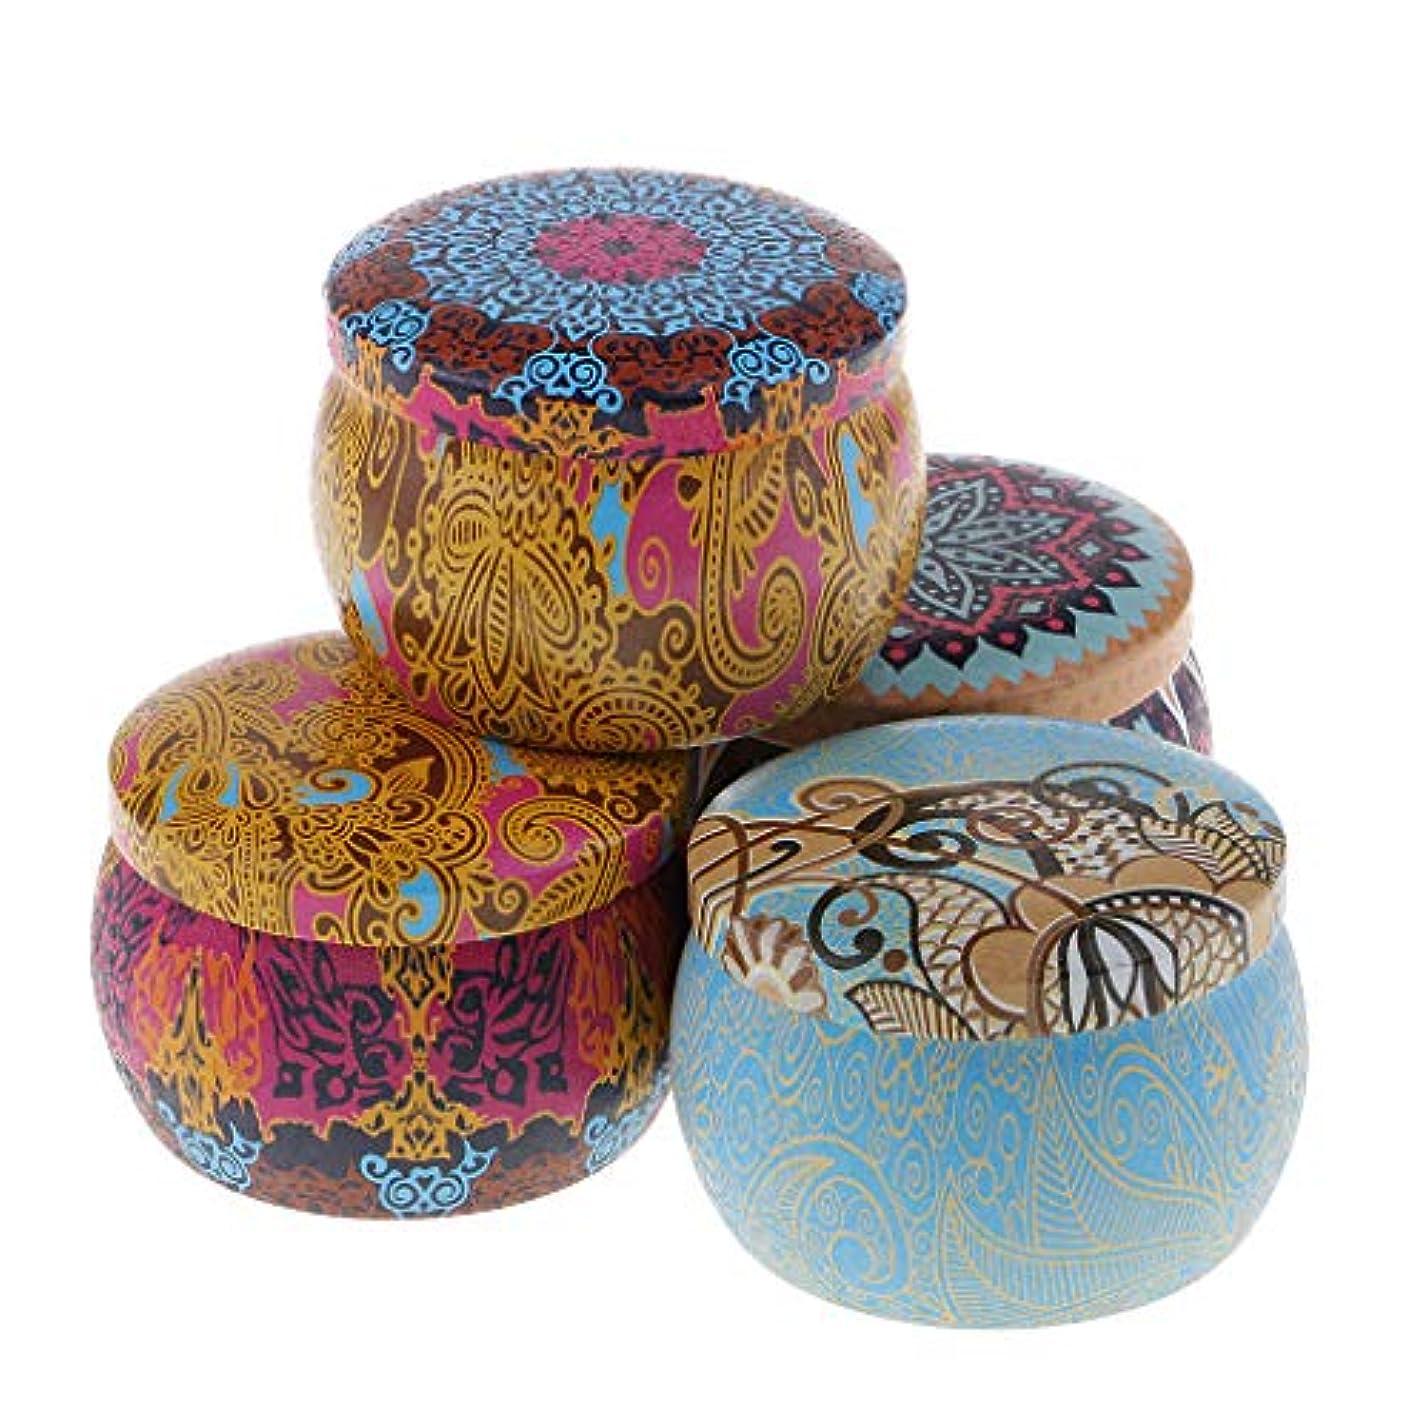 フォアマン正しい脅かす民族風 アロマキャンドル 大豆 4個 贈り物 蝋燭 可愛い外観 癒しの灯り 135g 消臭約24時間